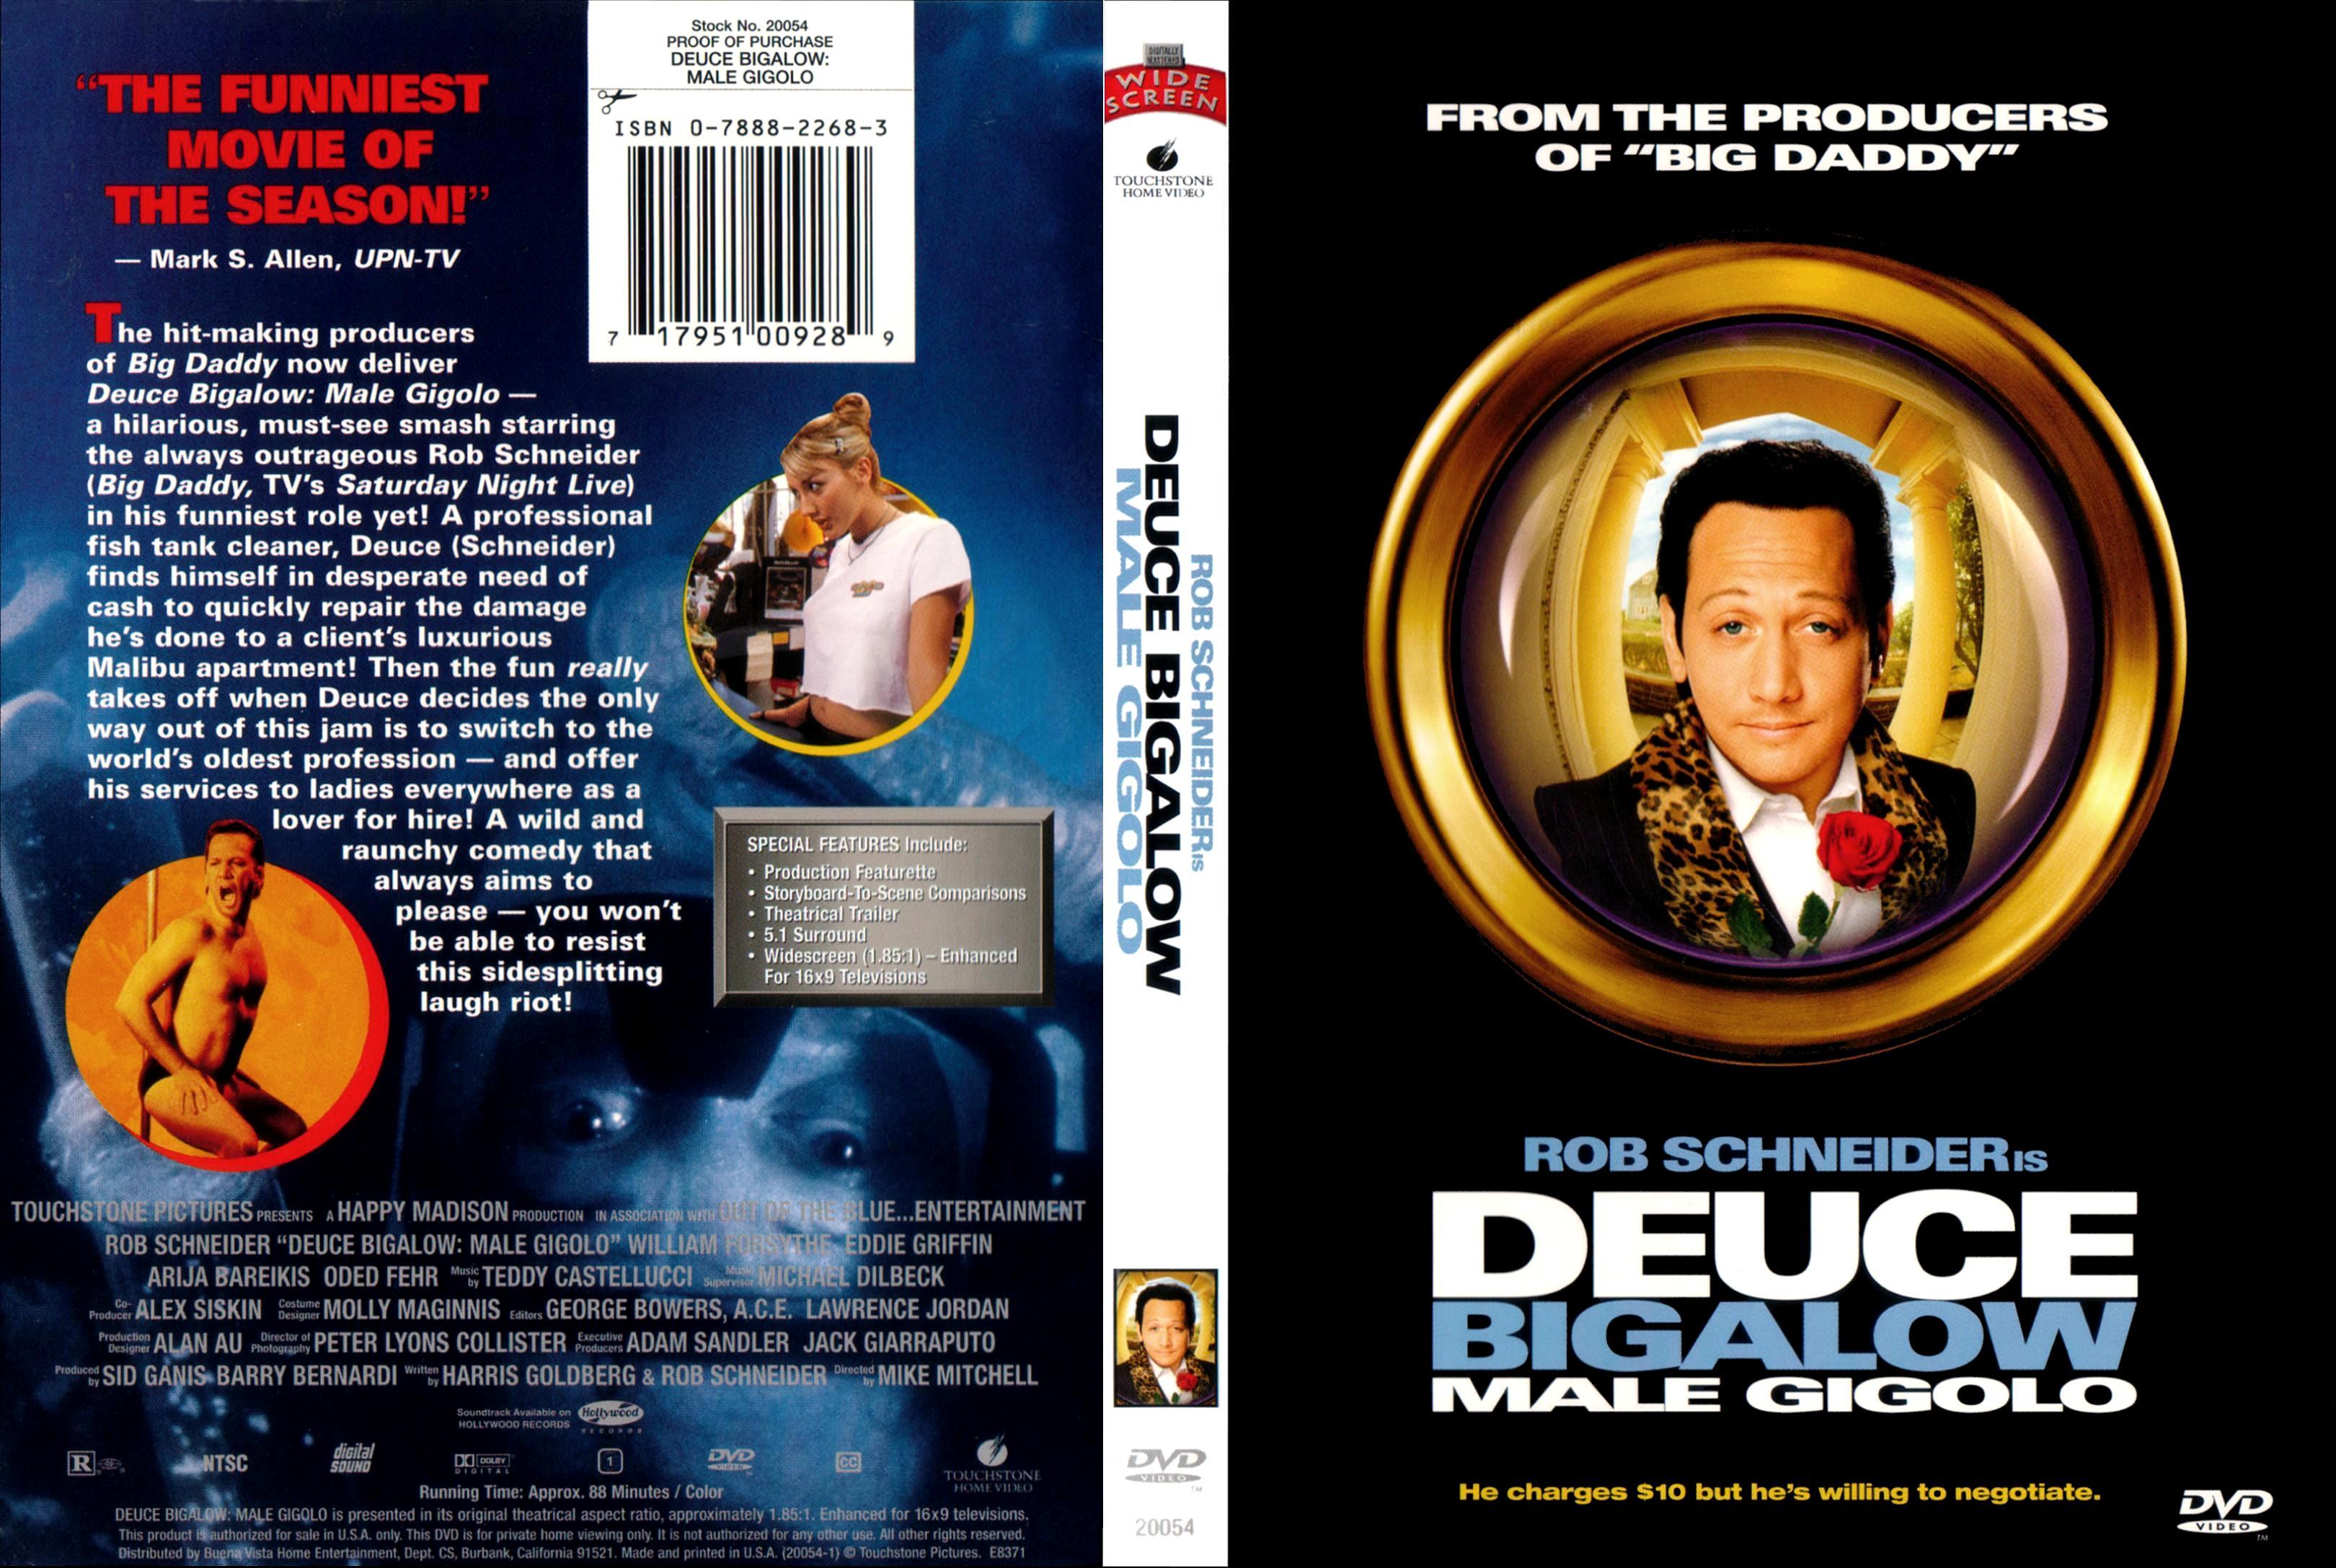 bigalow gigolo Deuce movie european